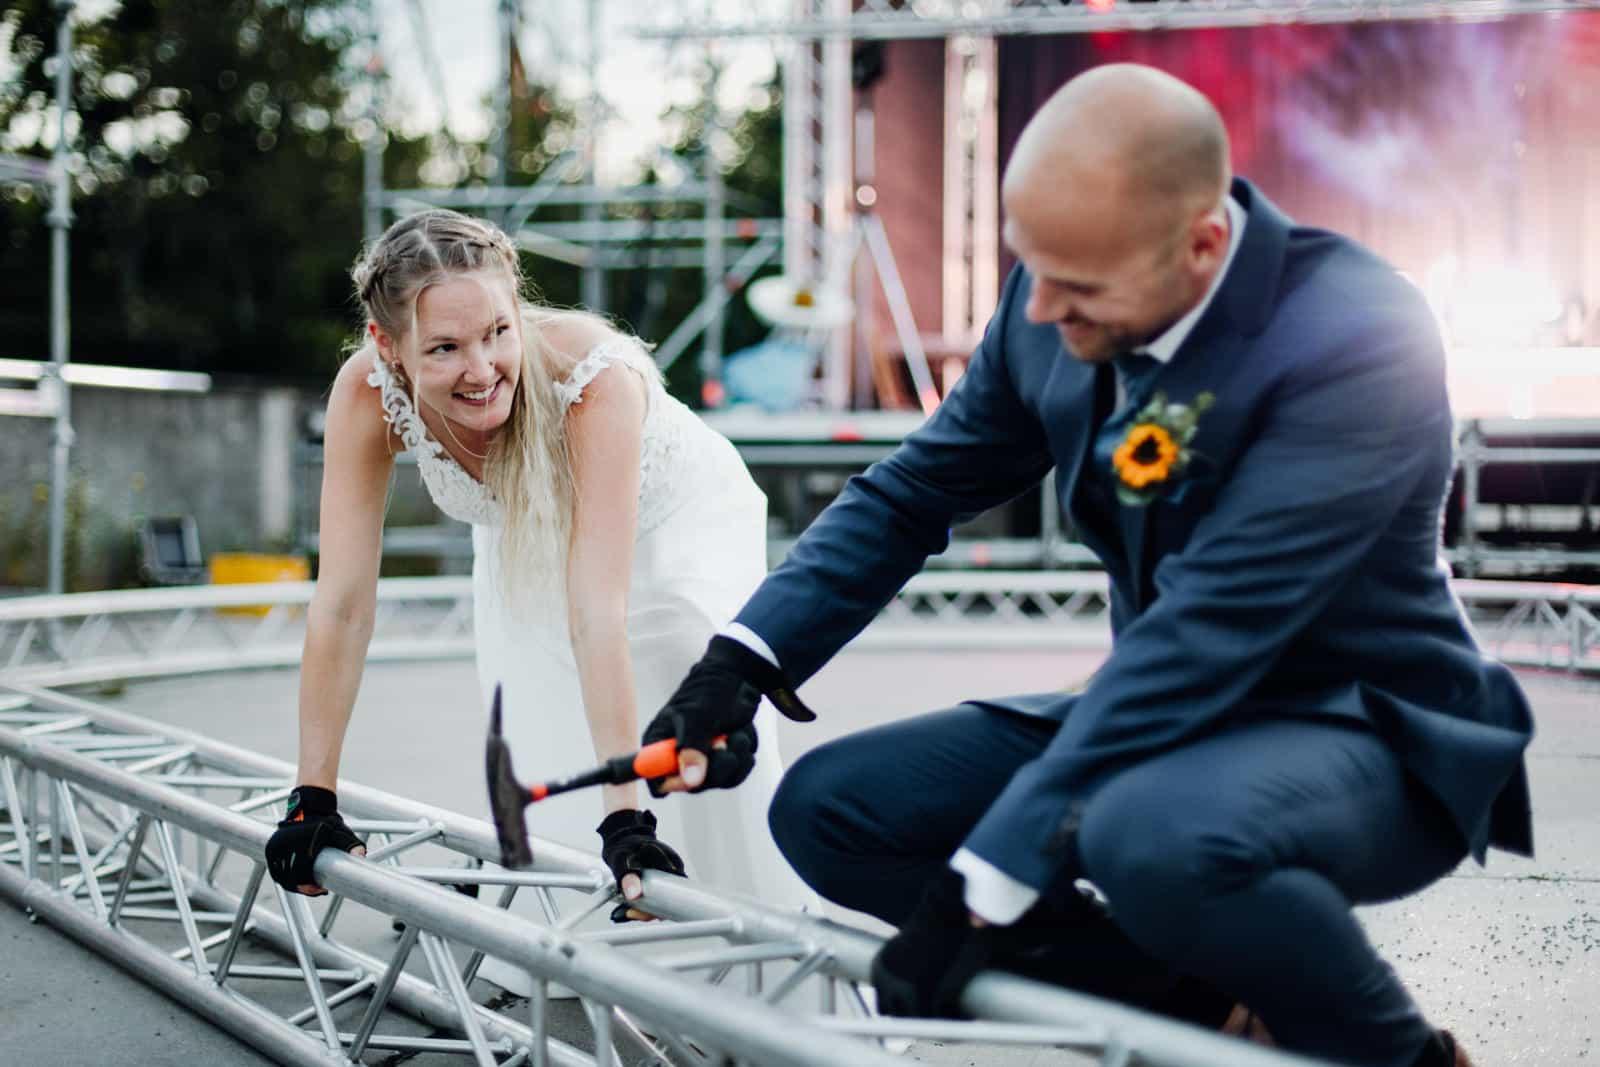 Brautpaar beim Fotoshooting vor einer Konzertbühne und nimmt Traversen auseinander.